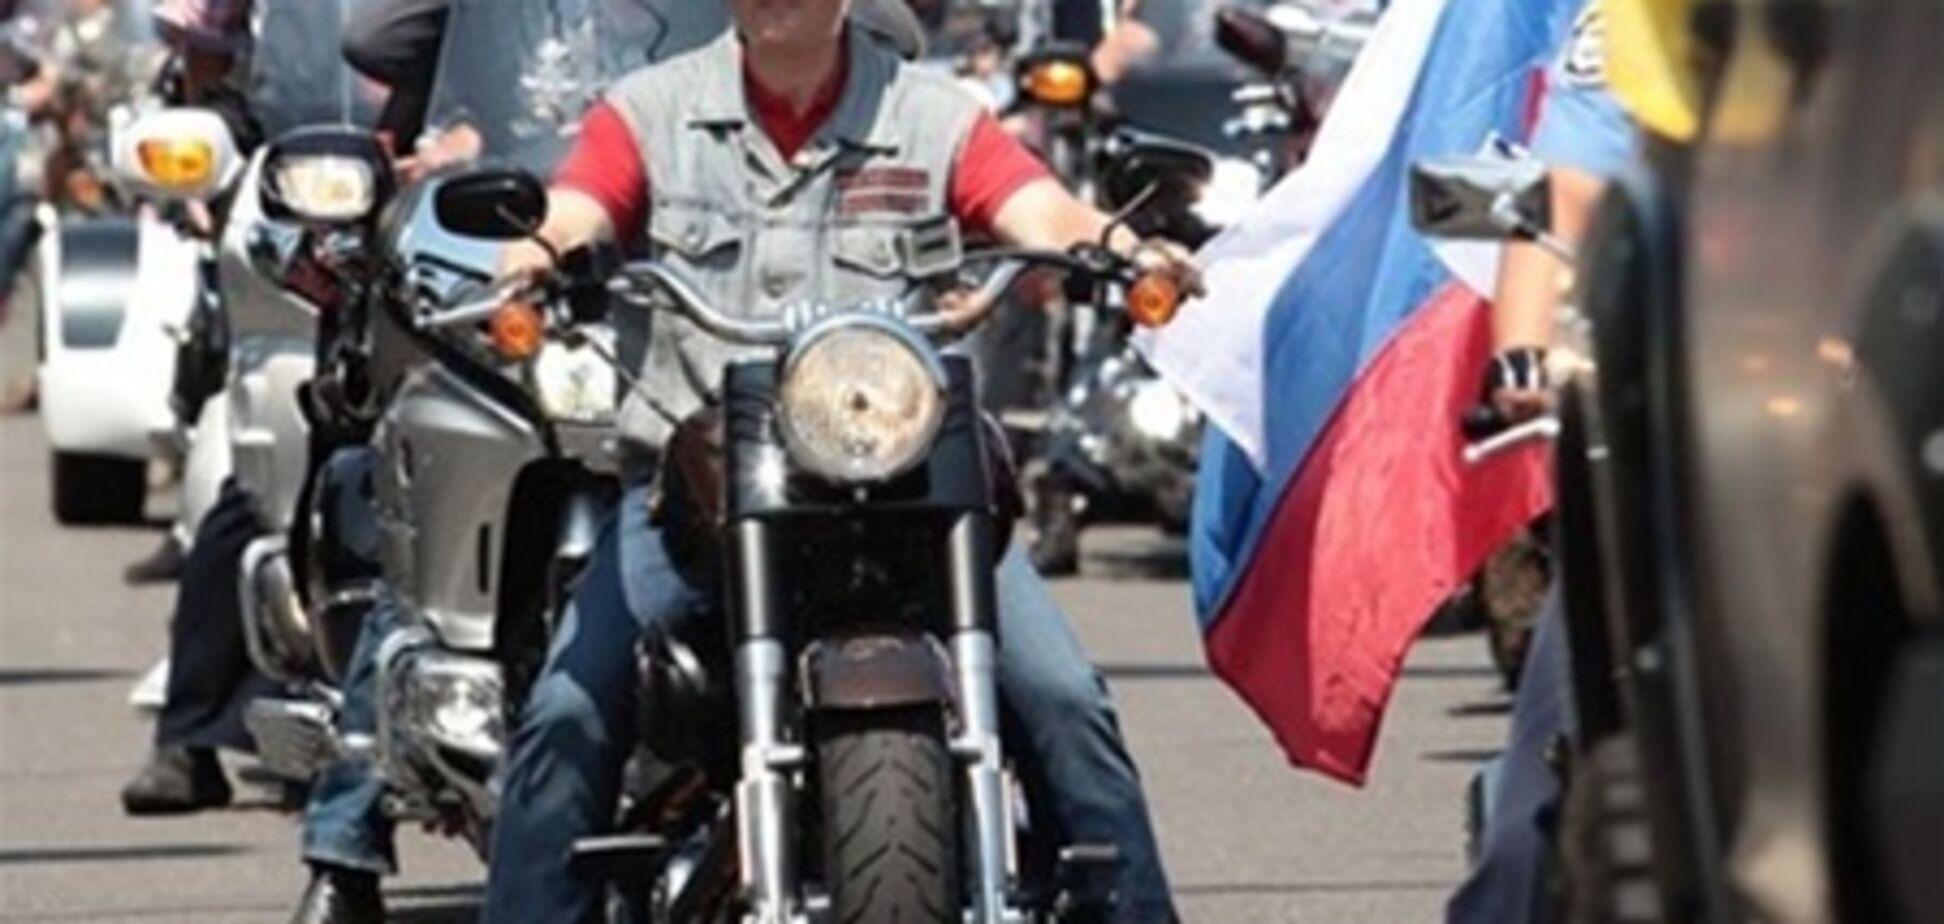 Вілкул оплатив штраф за їзду на мотоциклі без шолома